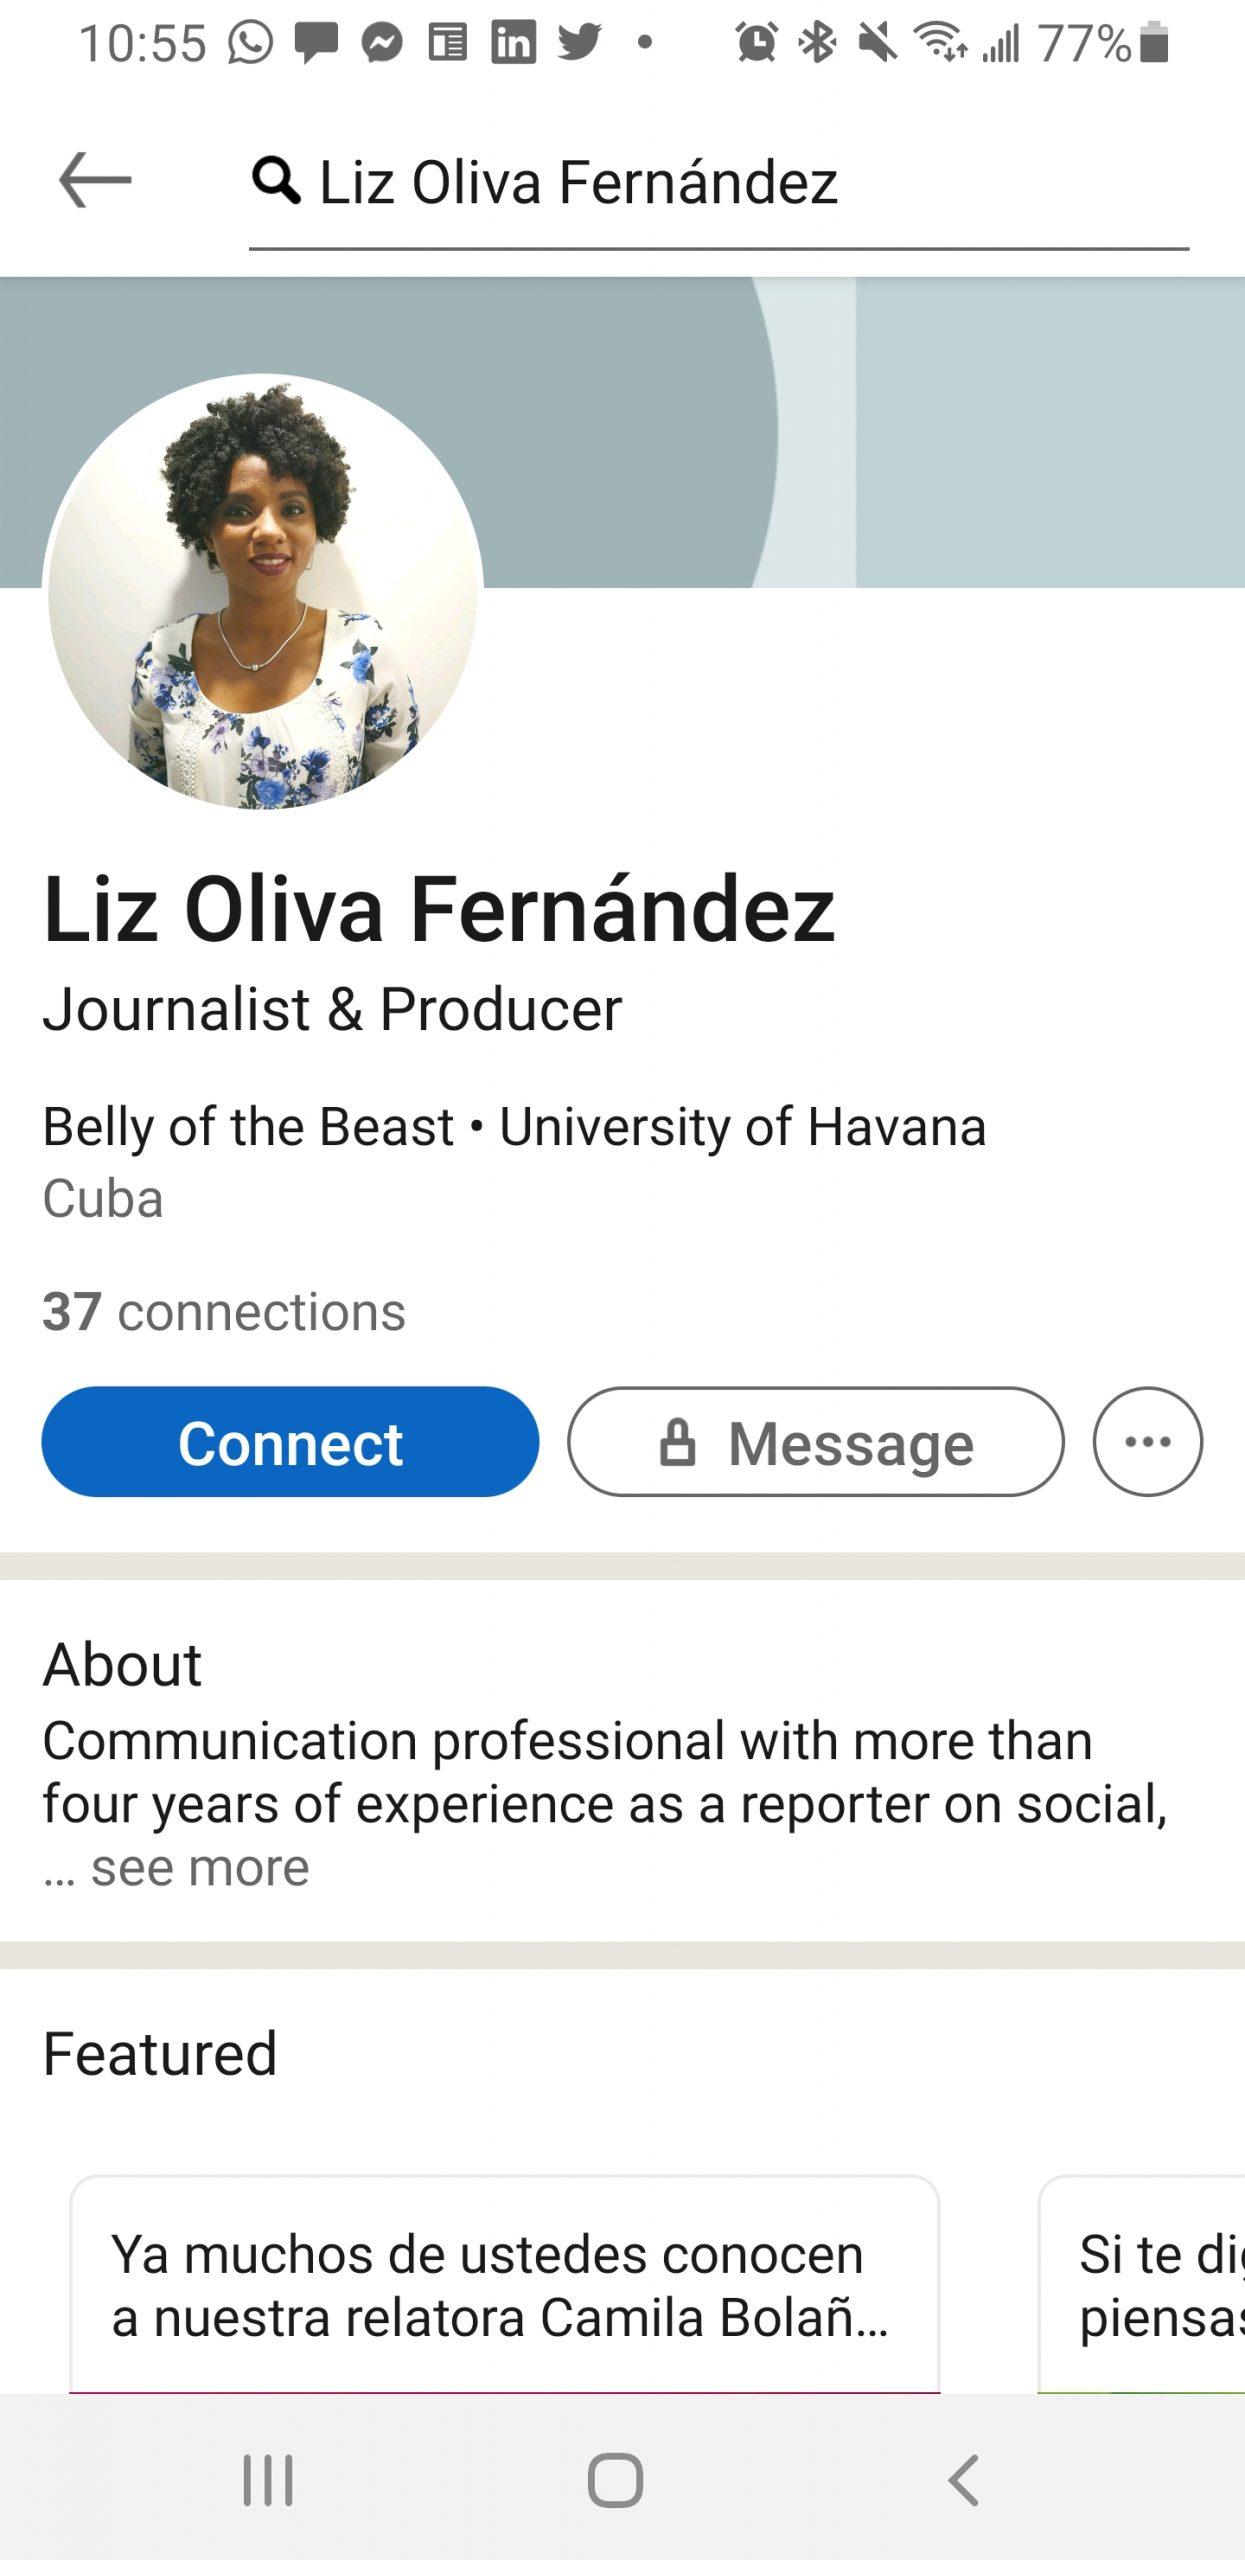 Liz Olivia Fernández